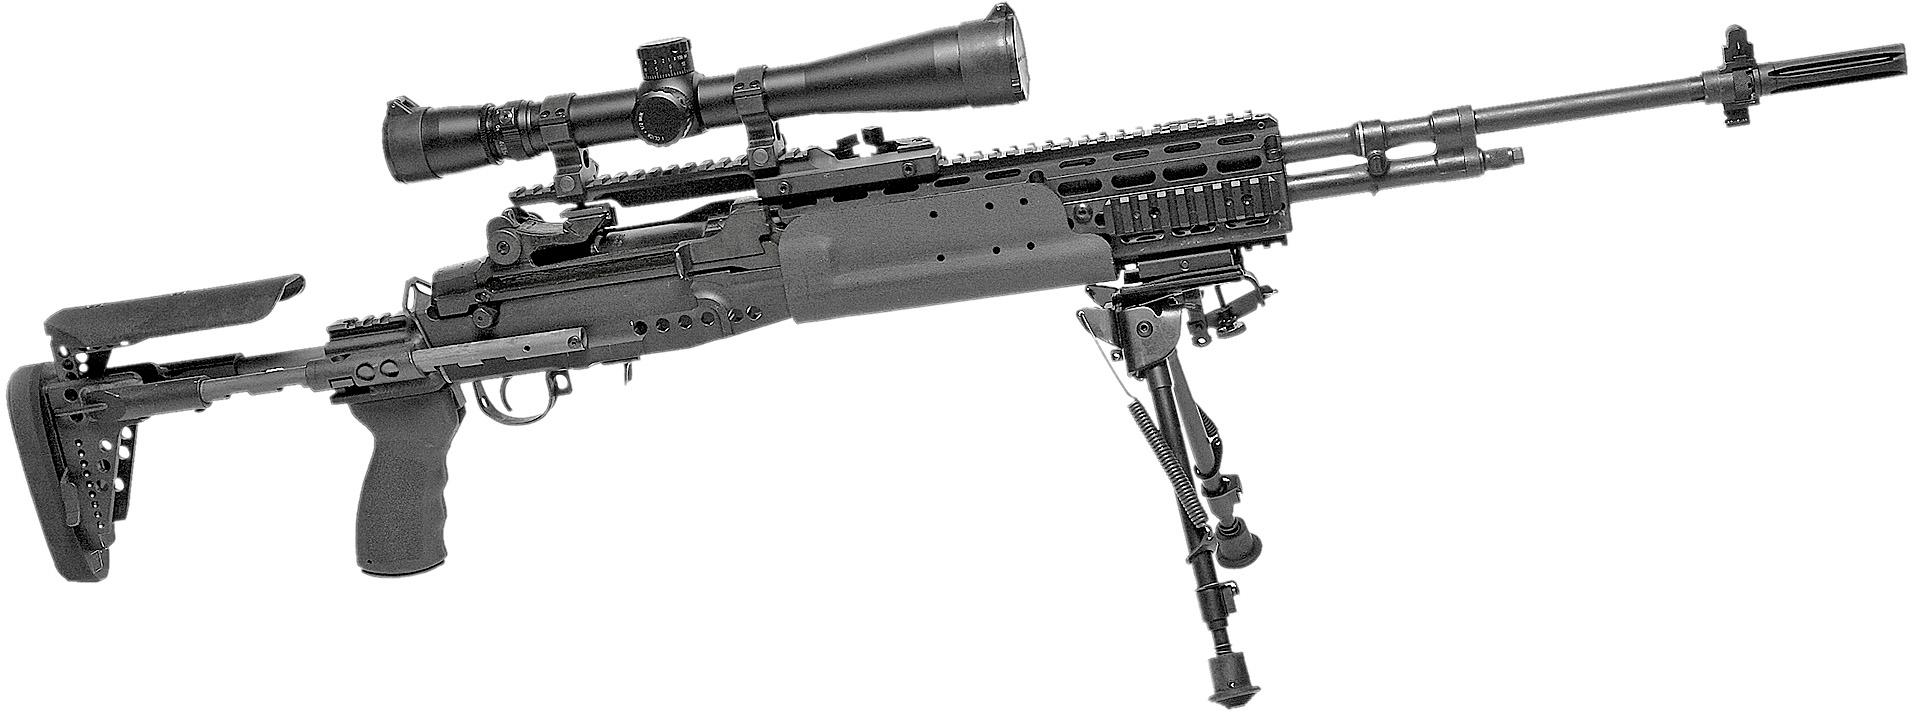 Американские солдаты получат новую М14